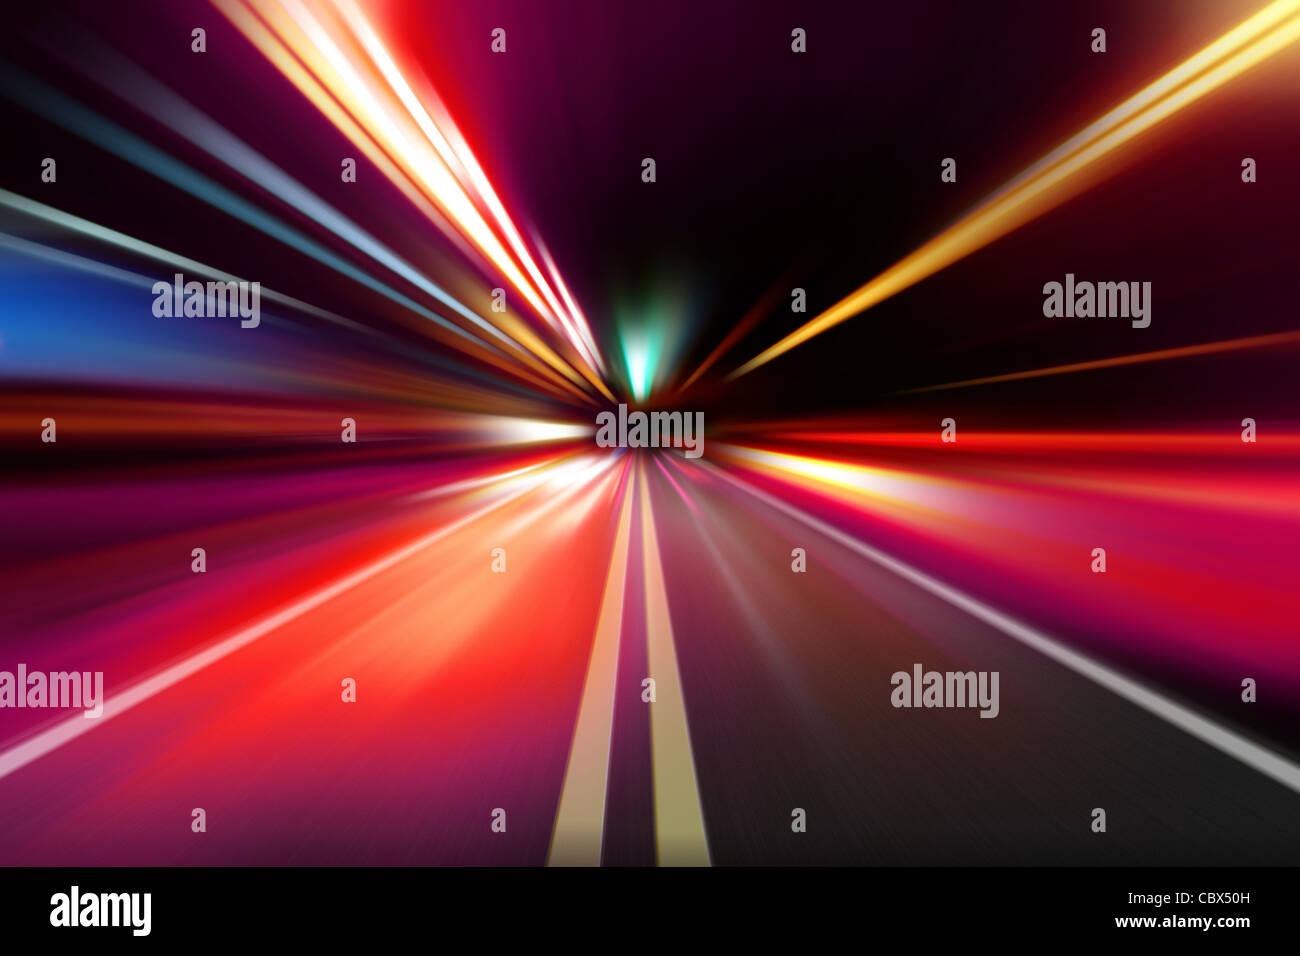 abstrakte Nacht Beschleunigung Geschwindigkeit Bewegung Stockbild